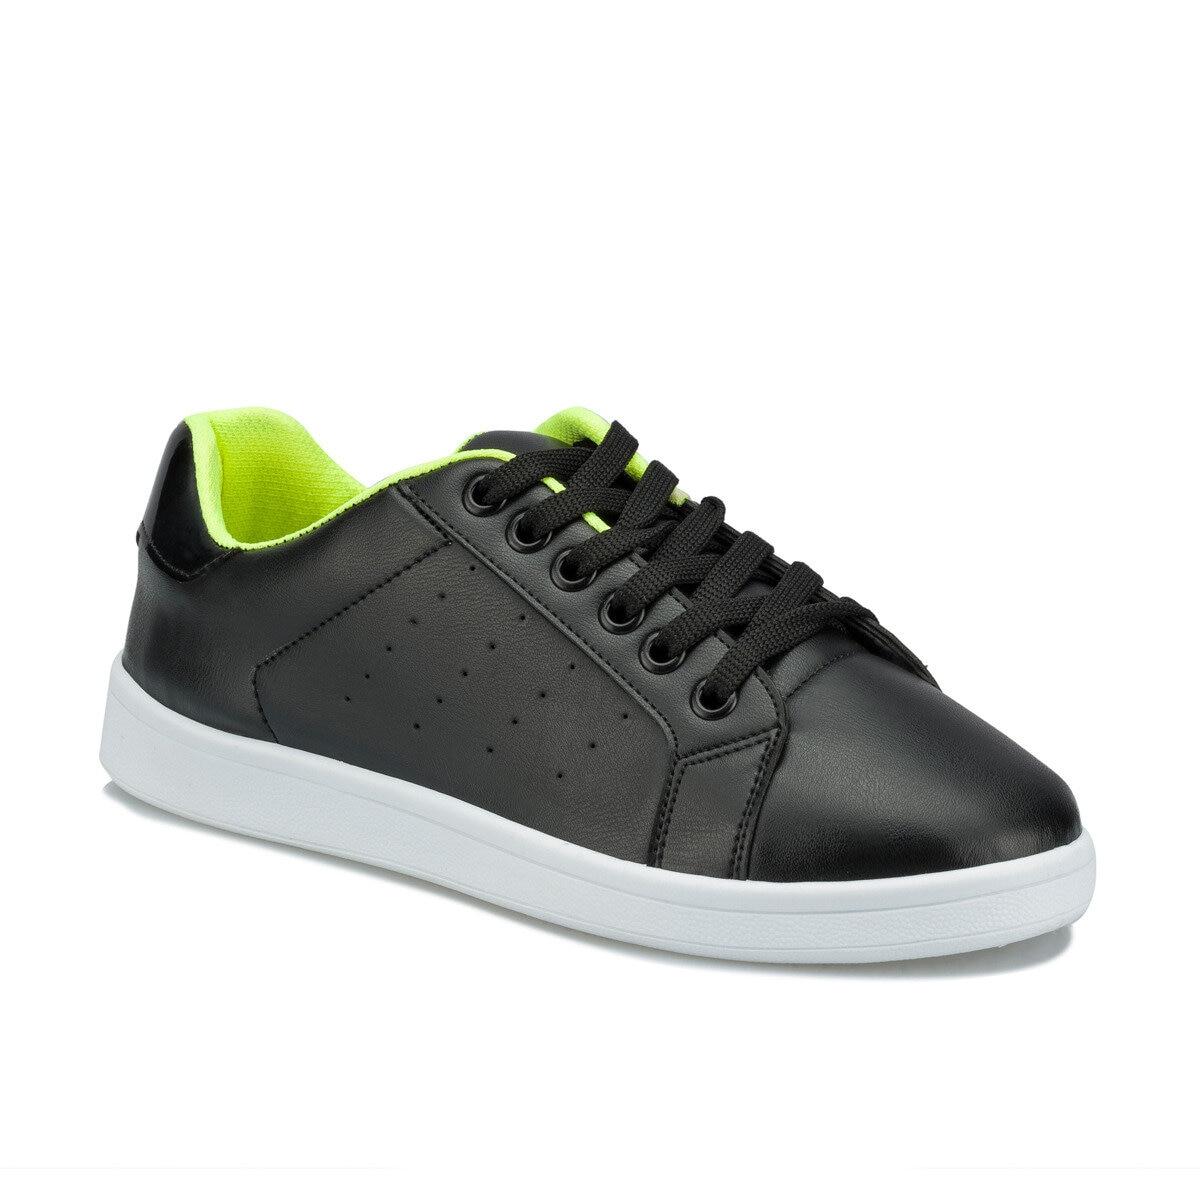 FLO 315600.Z Black Women 'S Sneaker Shoes Polaris